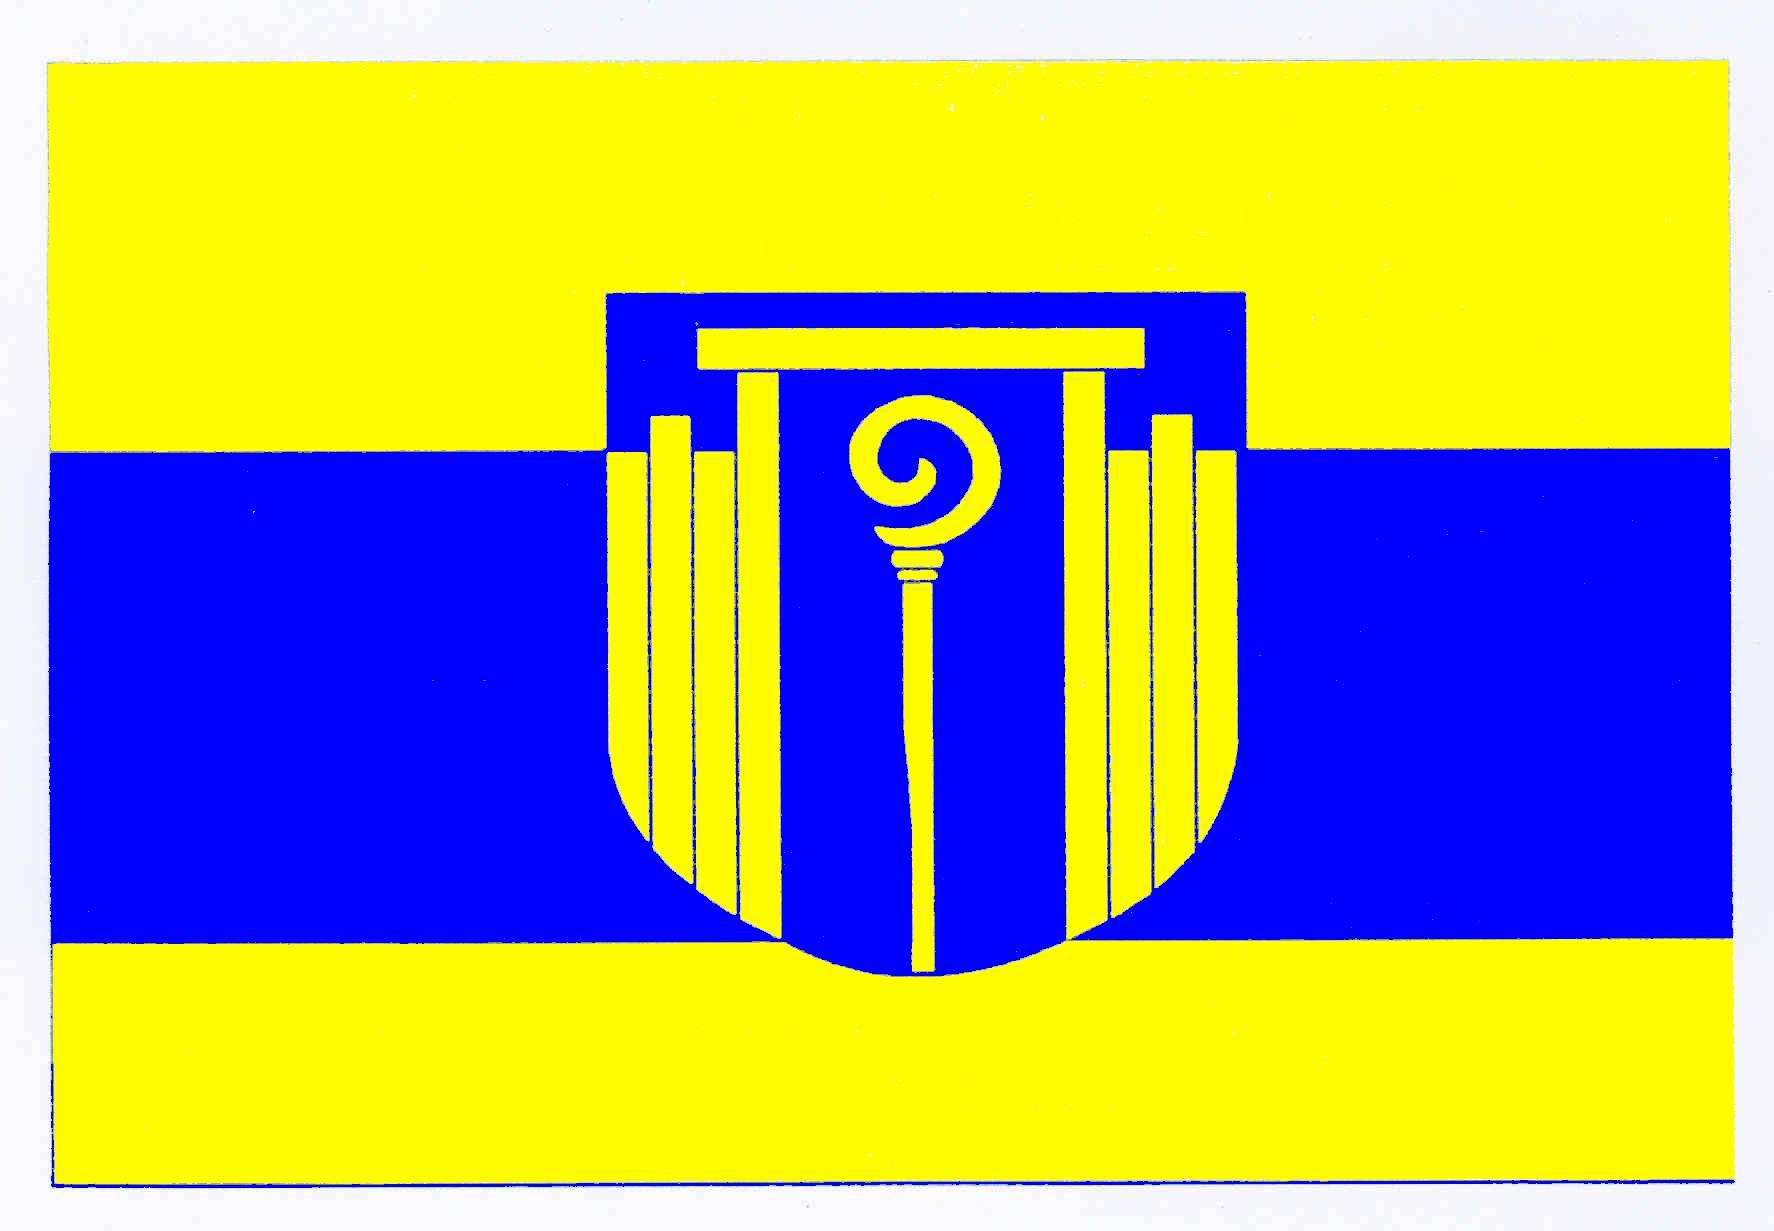 Flagge GemeindeLürschau, Kreis Schleswig-Flensburg